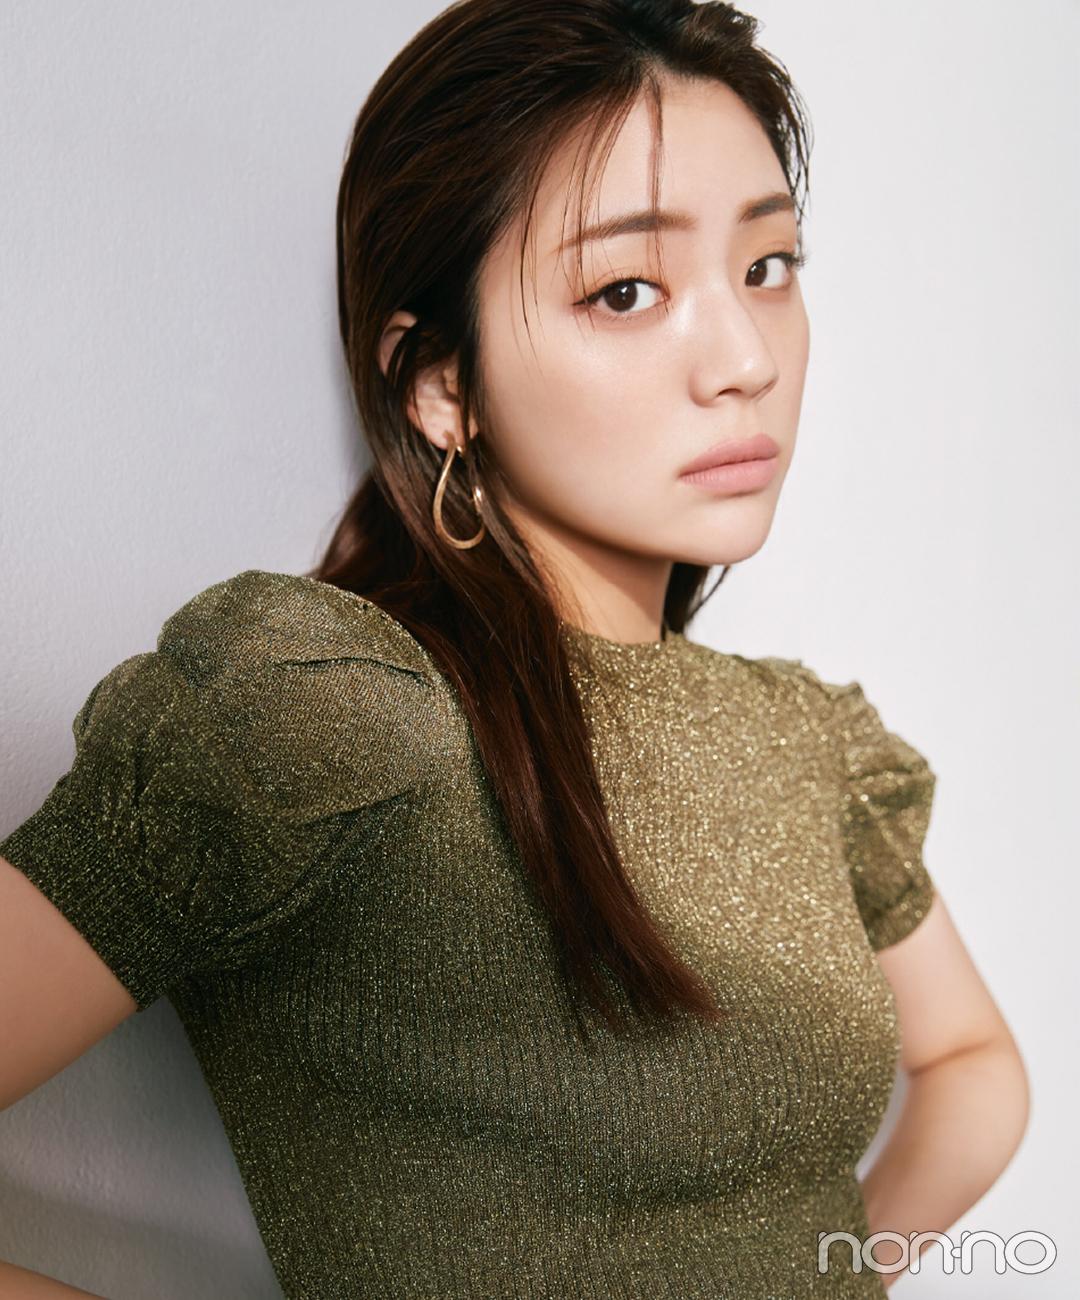 Photo Gallery 天気予報の女神&大人気モデル! 貴島明日香フォトギャラリー_1_8